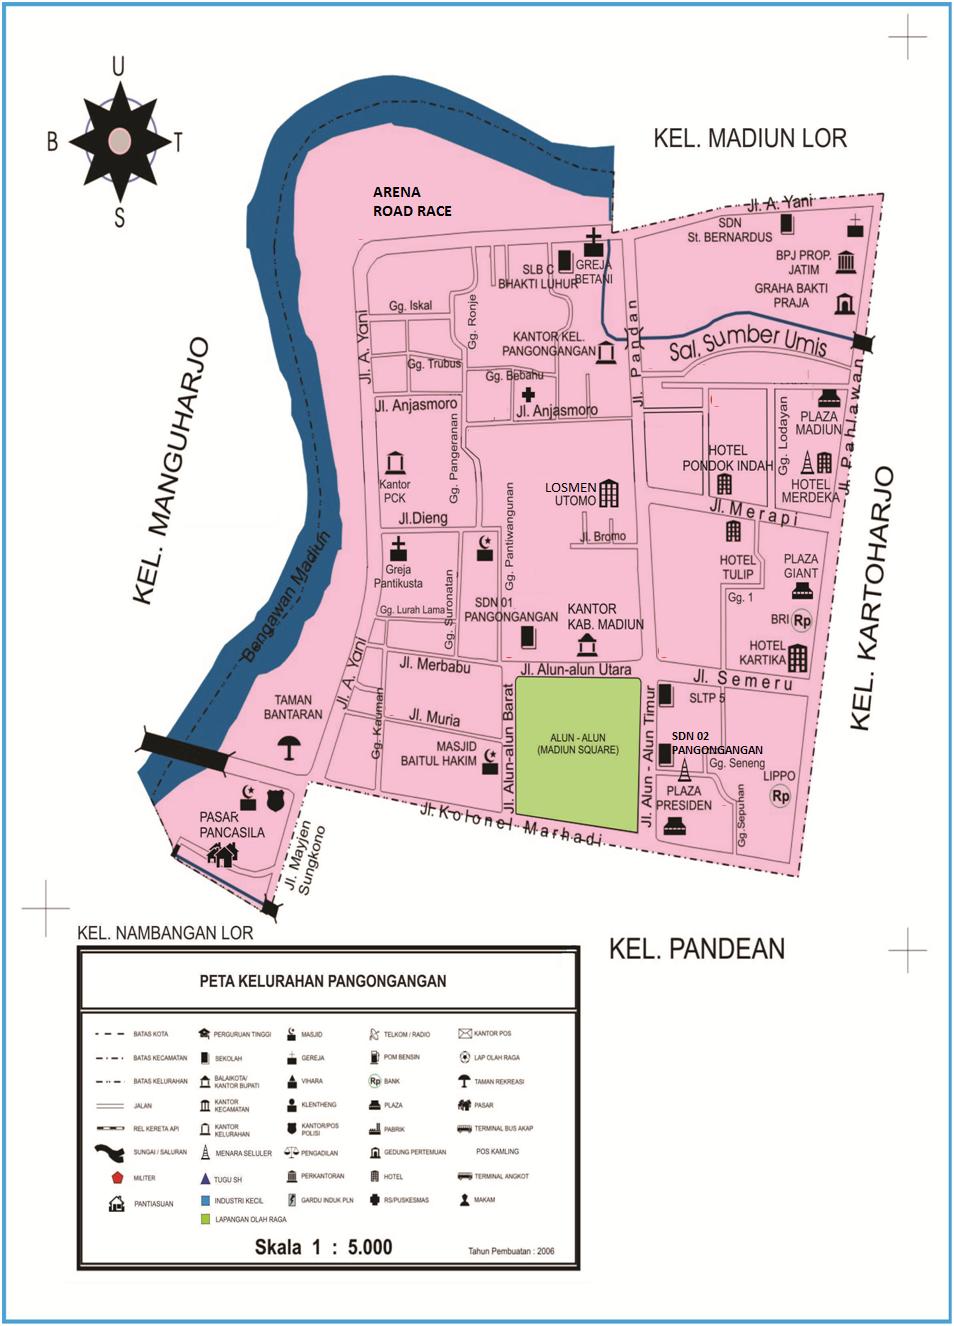 Peta Kelurahan